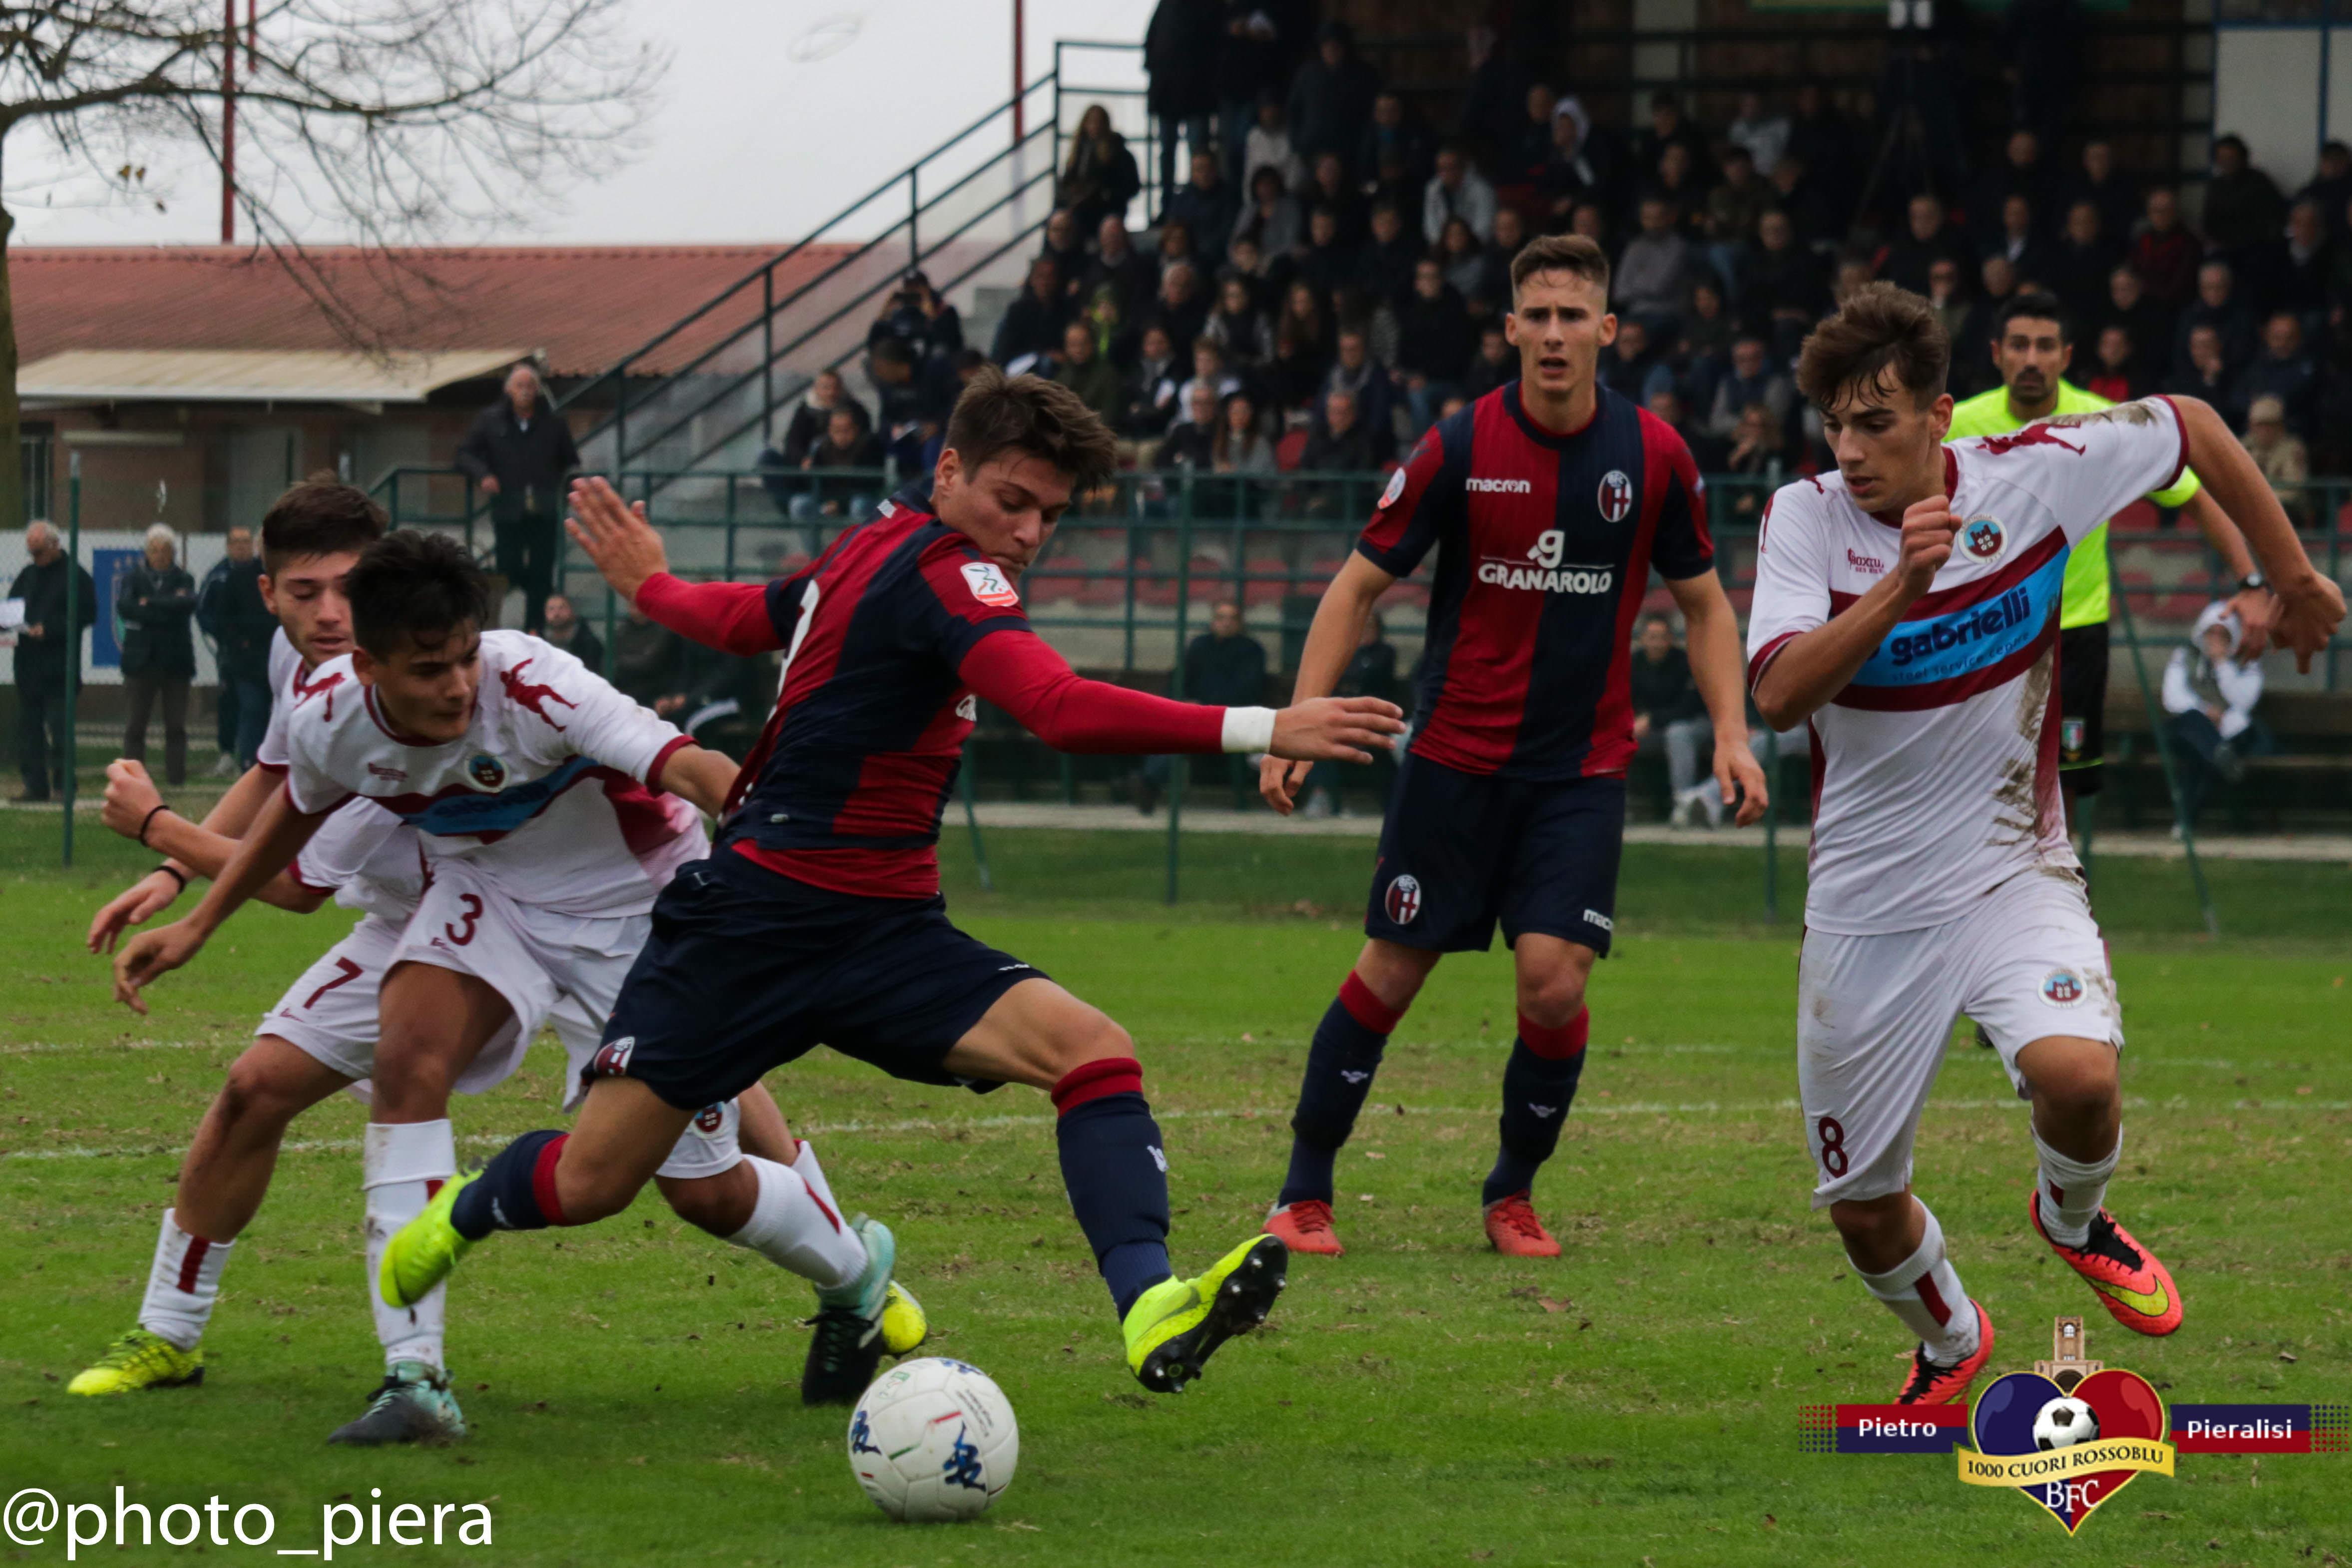 Primavera - Bologna-Cittadella 2-1 - Le foto della gara